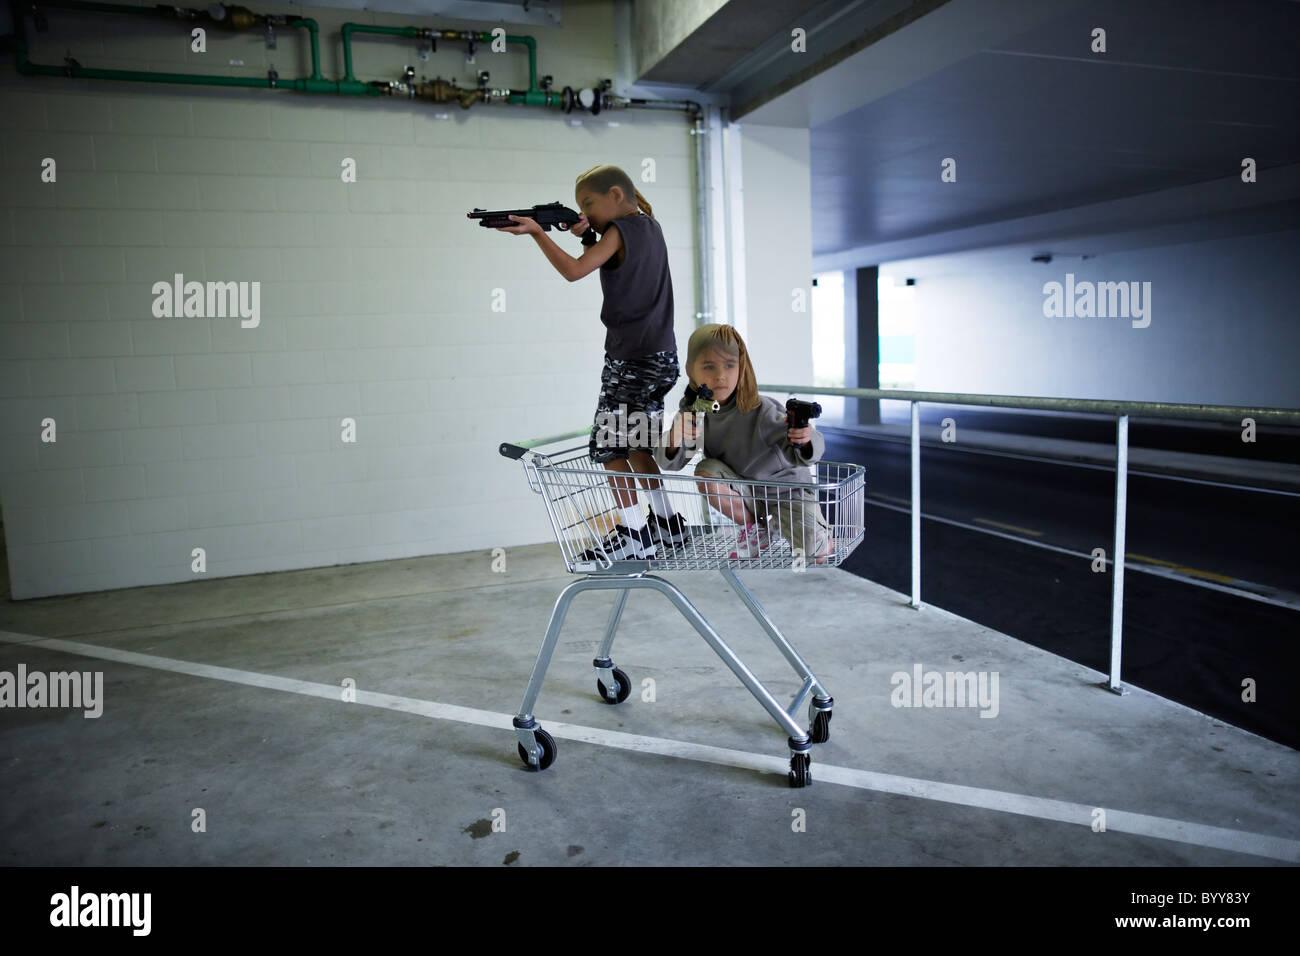 Los niños con máscaras de repoblamiento y pistolas de juguete en el aparcamiento subterráneo, prepararse Imagen De Stock